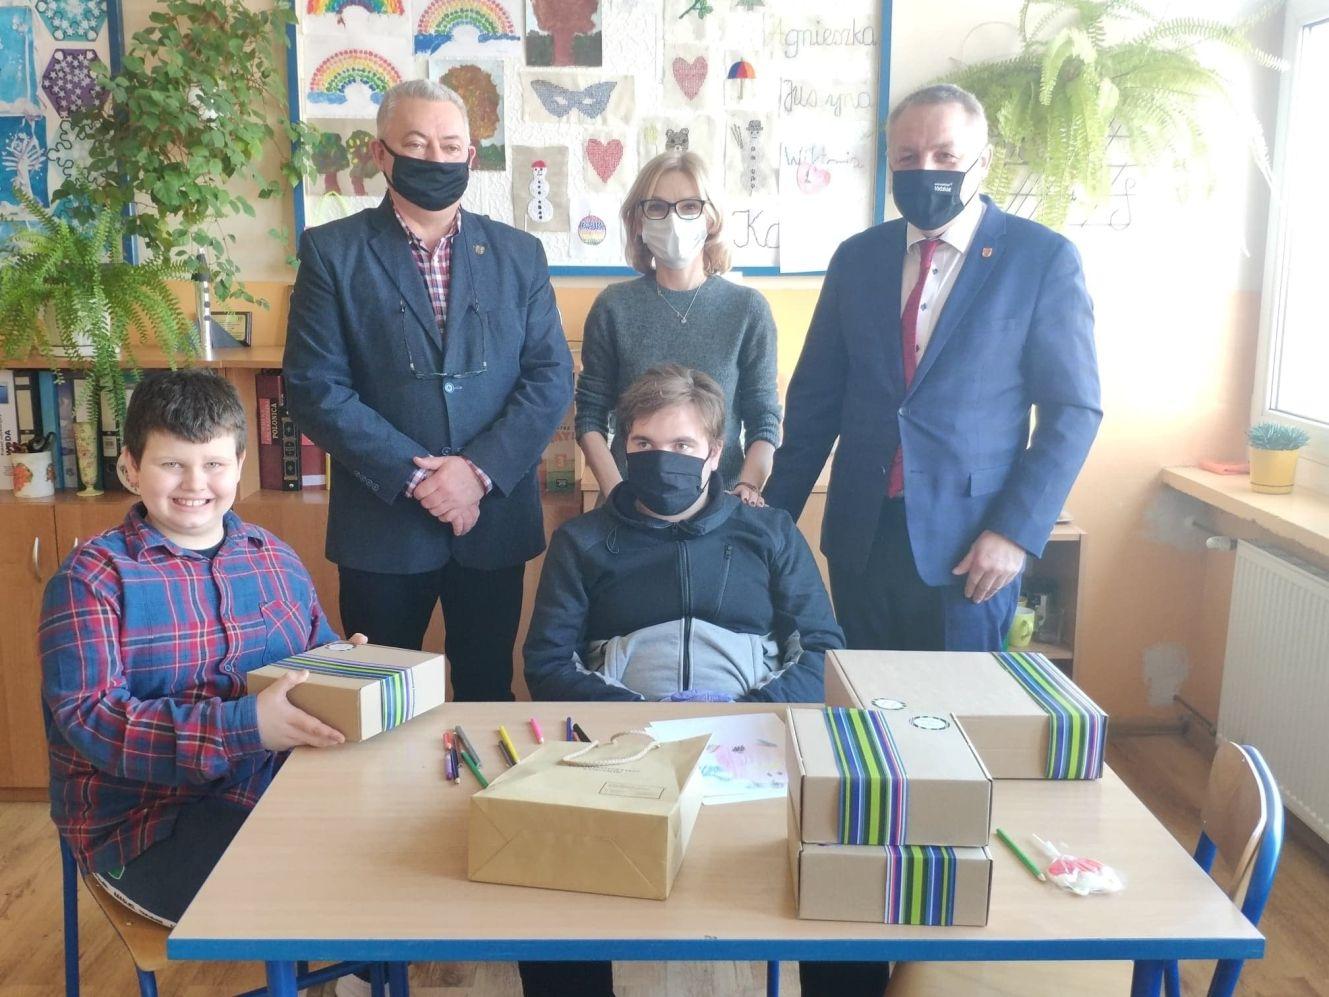 [FOTO ]Sukces Błażeja z SOSW nr 1. Został wyróżniony w konkursie ekologicznym - Zdjęcie główne